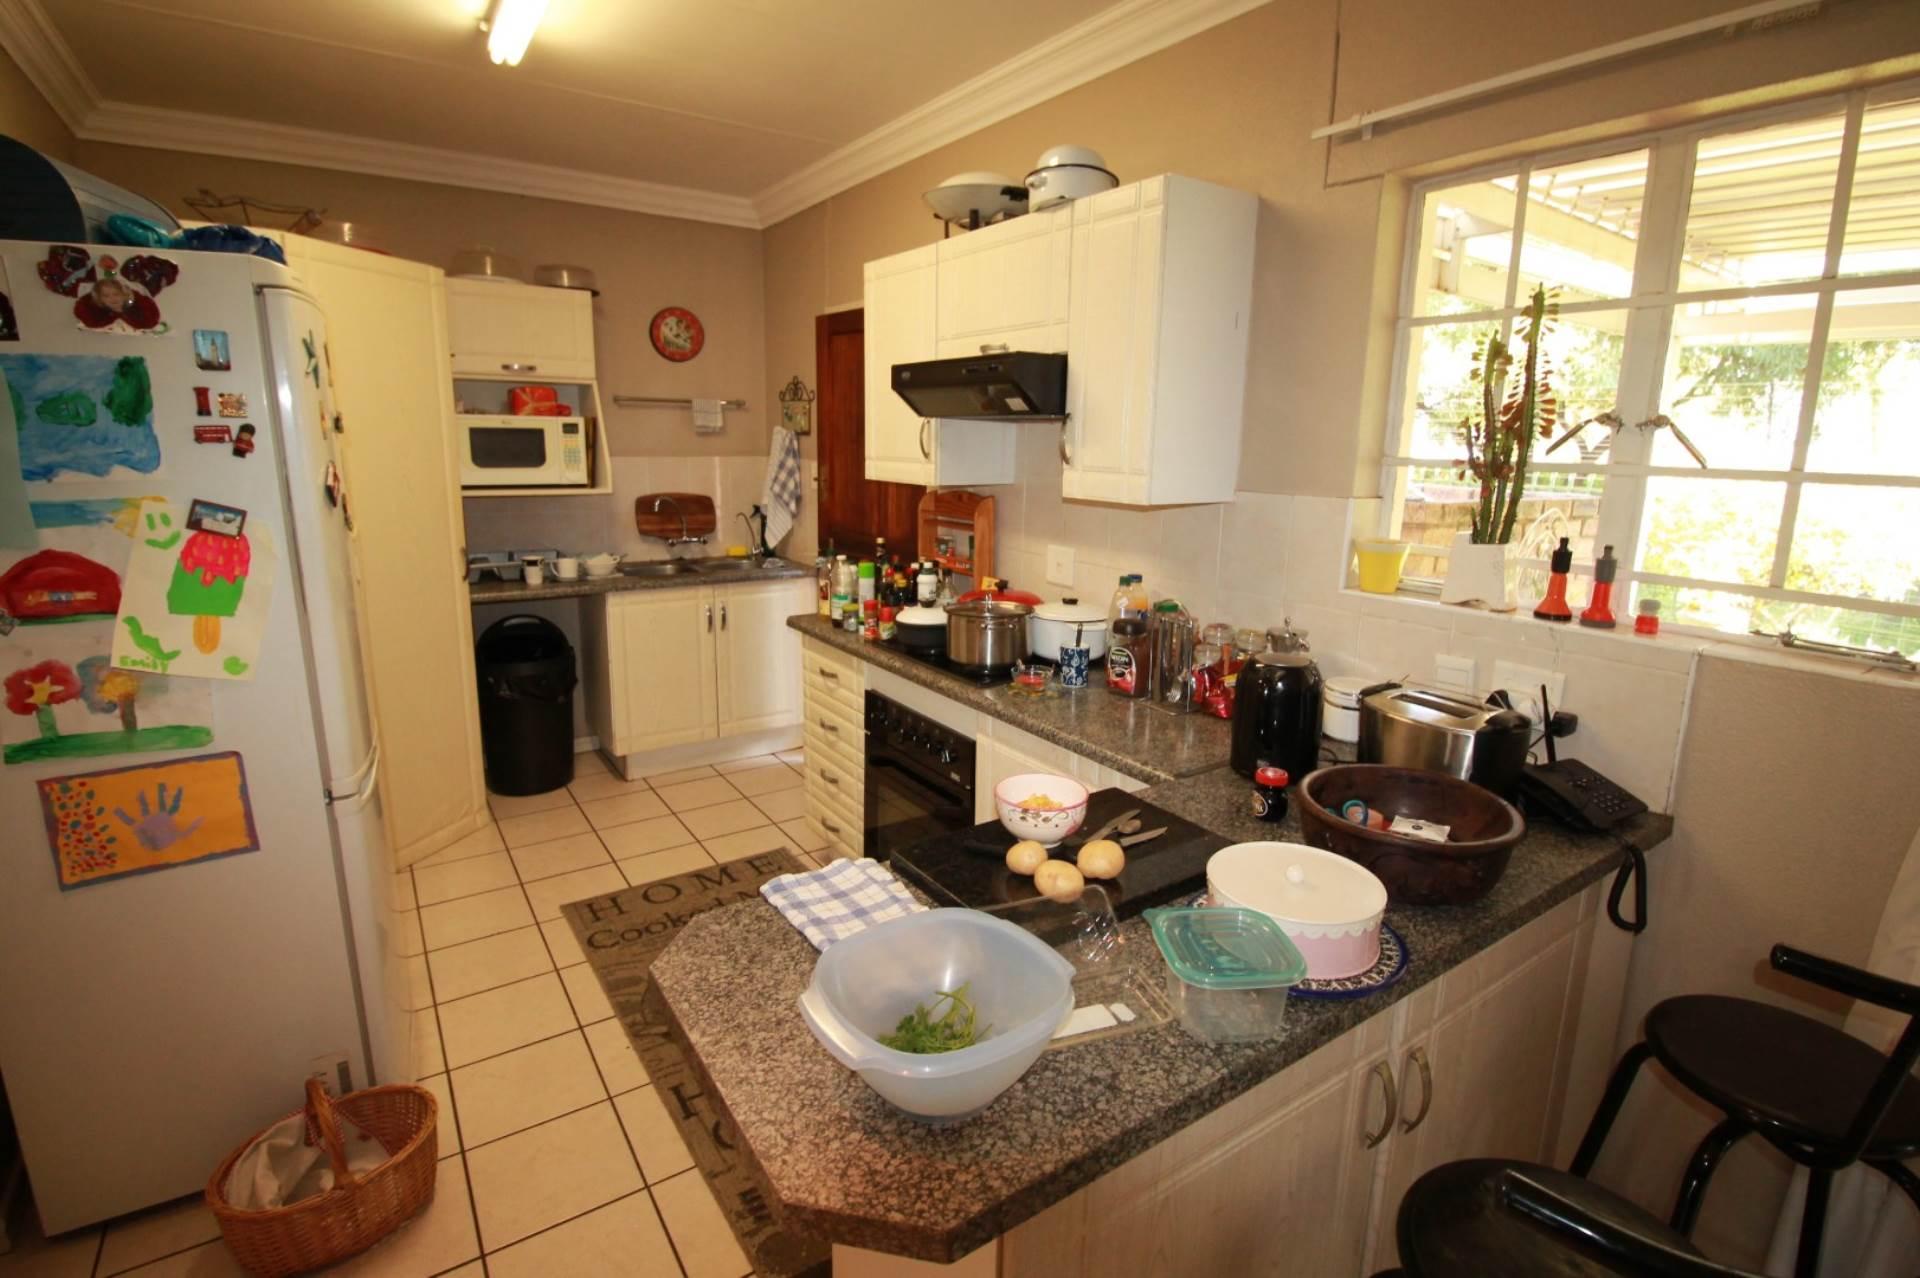 Retirement Village For Sale In Ninapark, Akasia, Gauteng for R 780,000